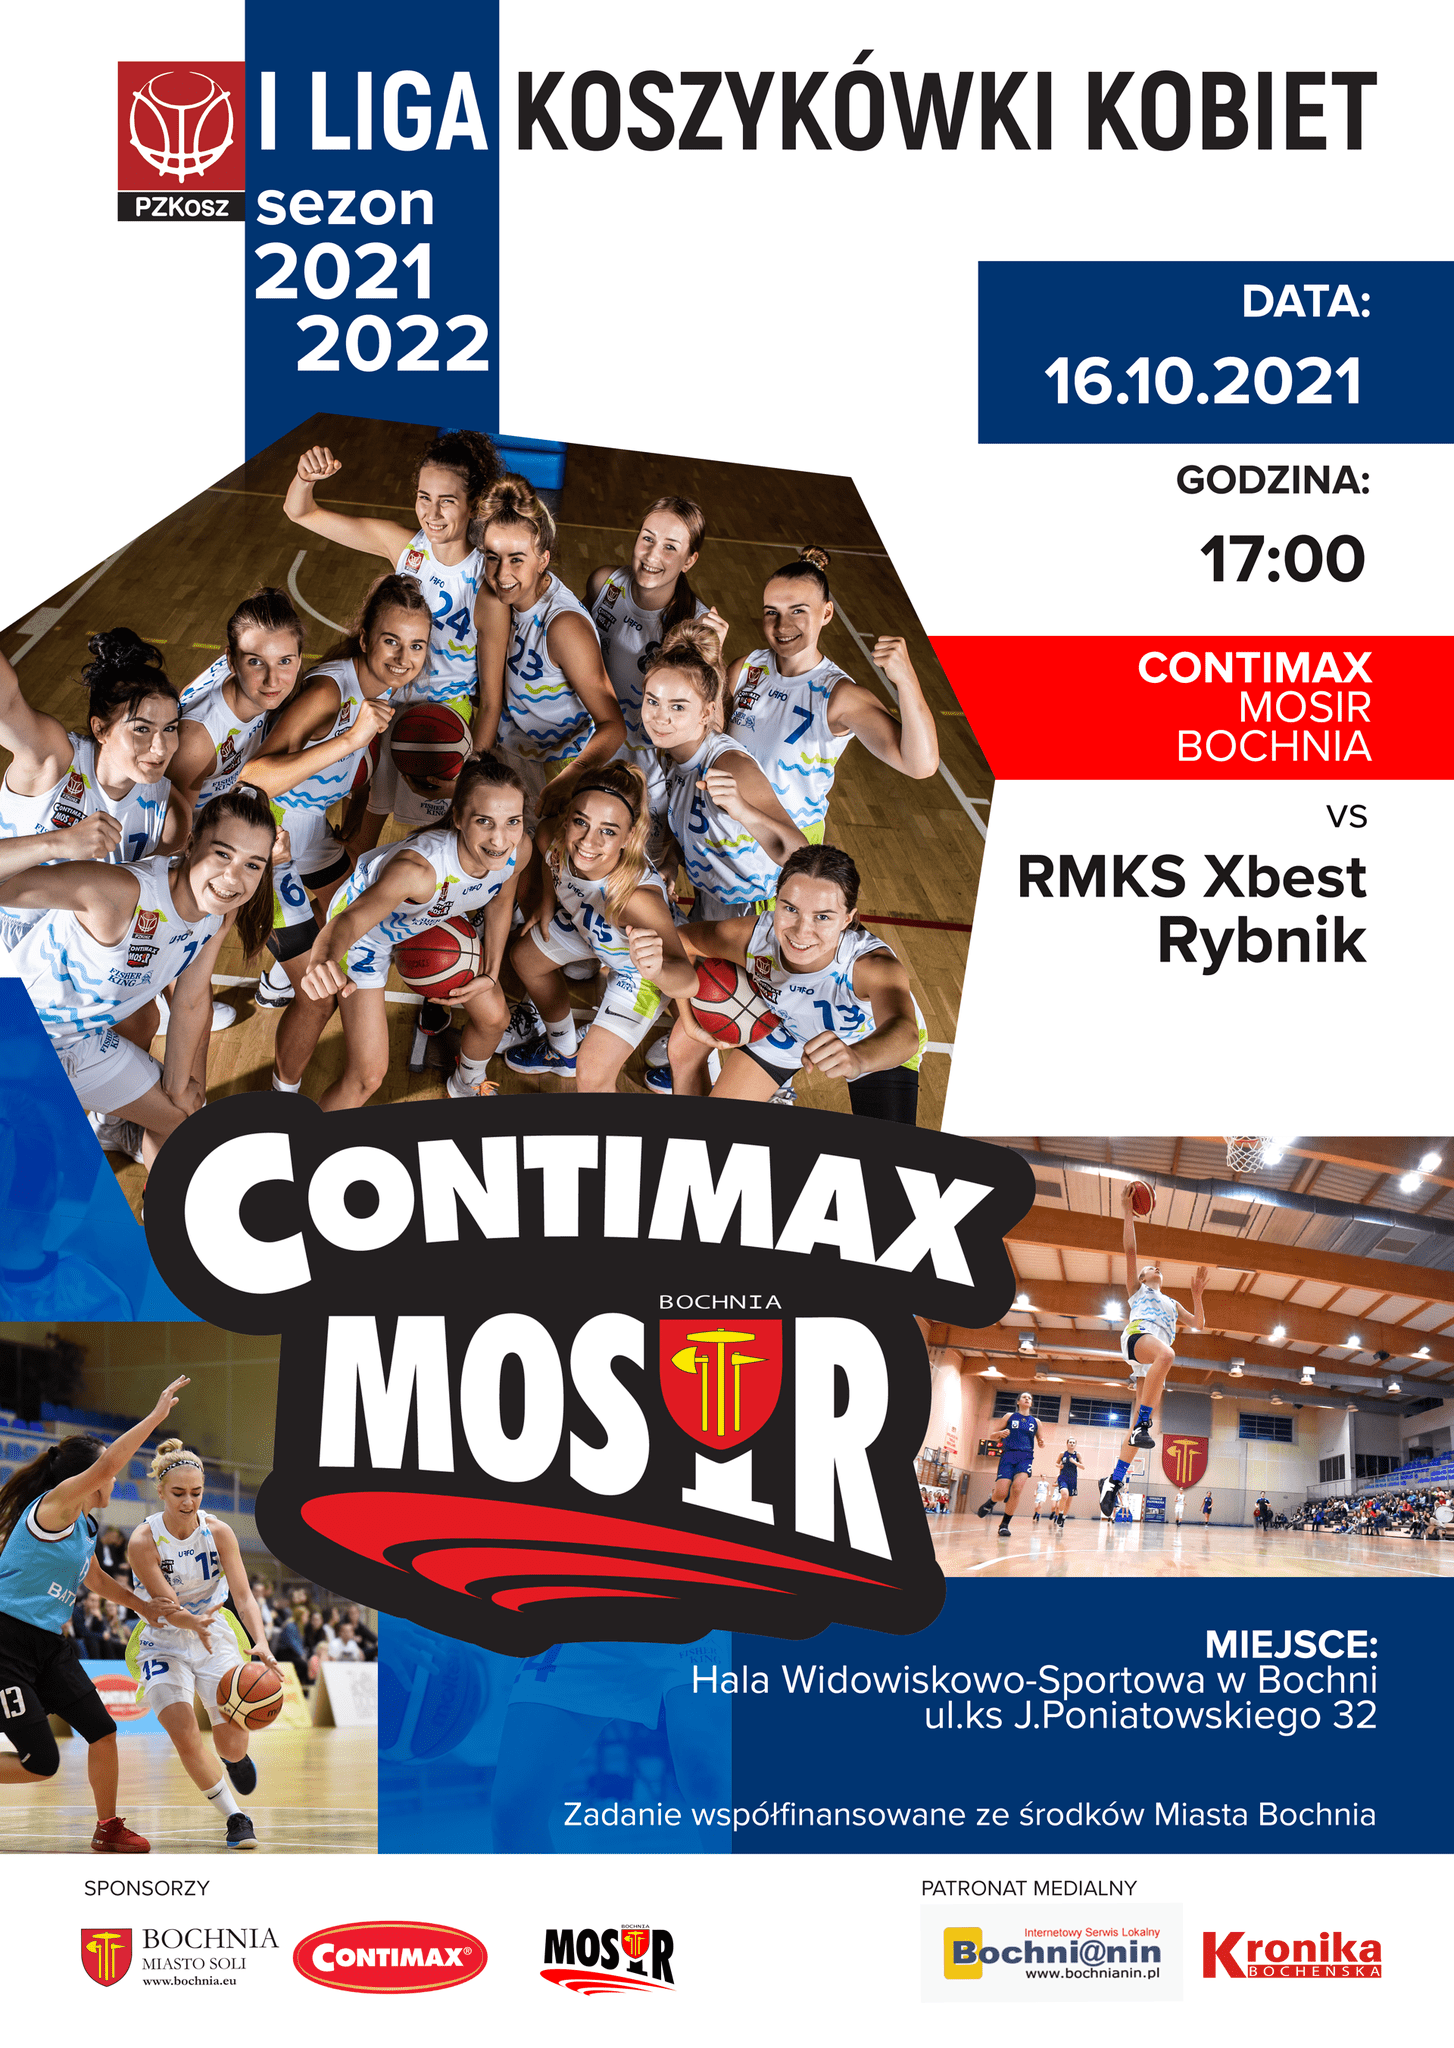 Zapraszamy na mecz 1 ligi koszykówki kobiet: Contimax MOSiR Bochnia – RMKS Xbest Rybnik 16.10.2021